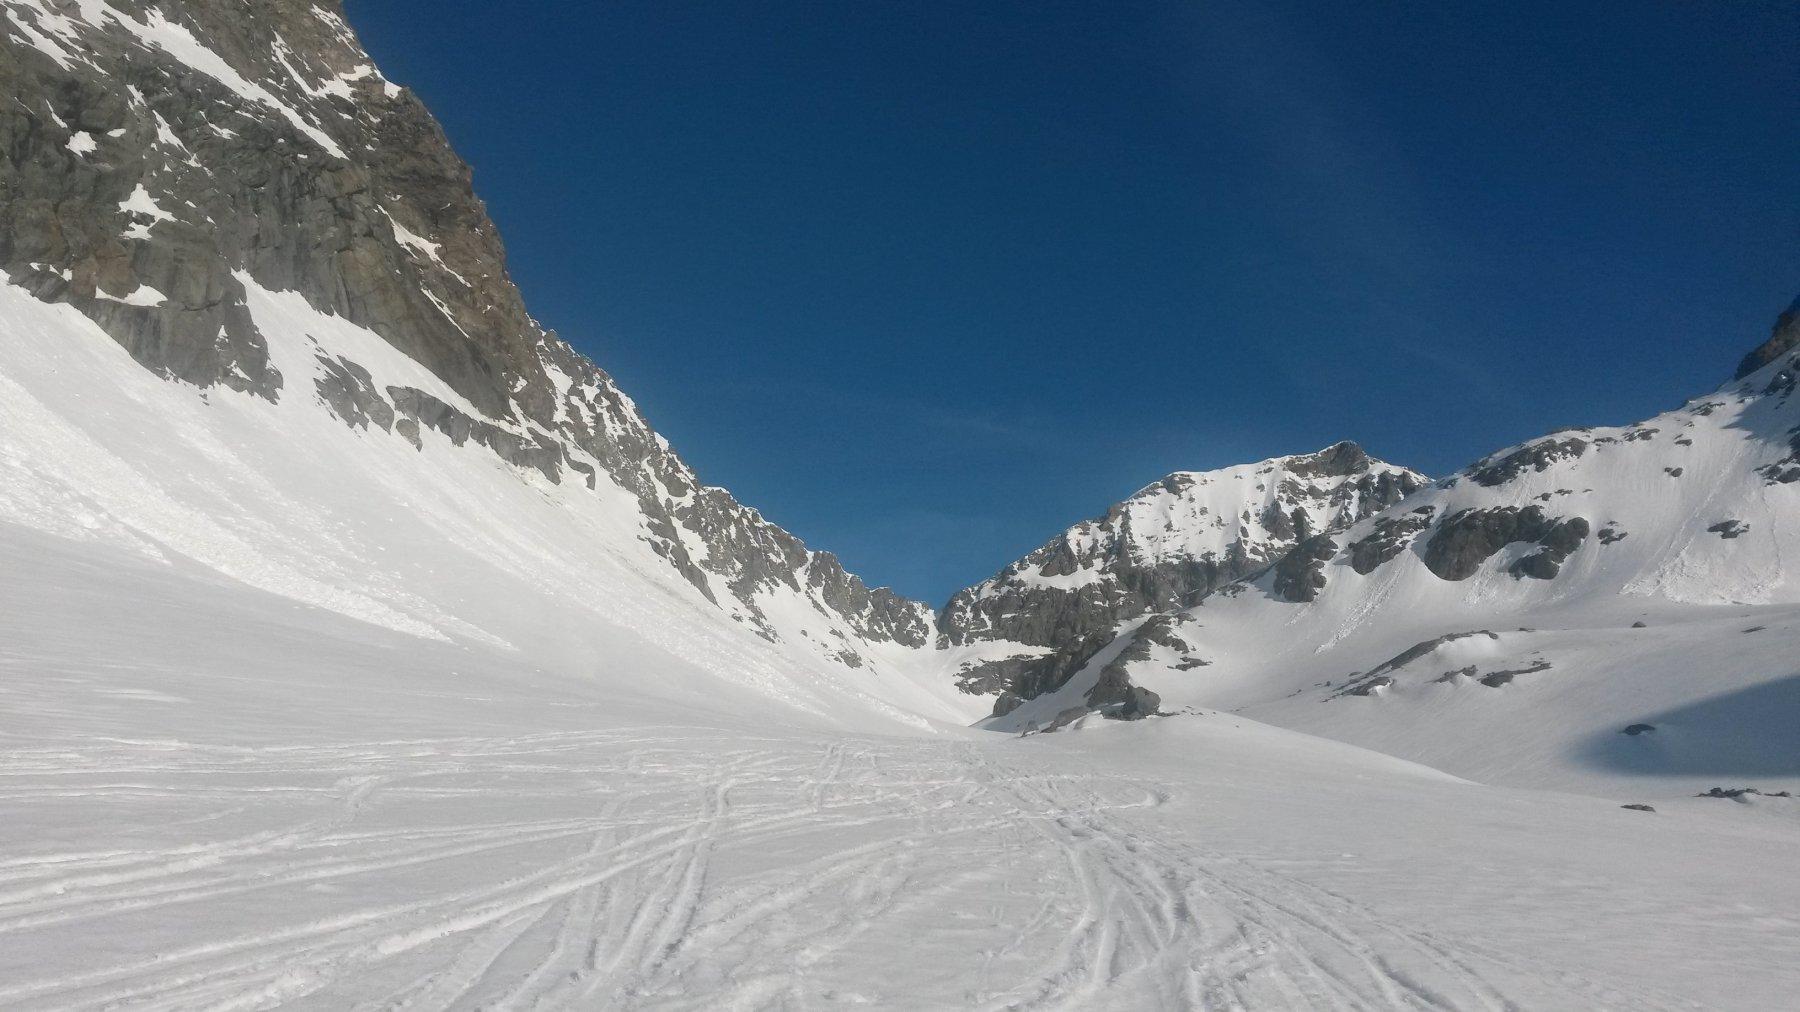 Verso il pian del Gias - in fondo si vede il Passage du Collerin e, sulla destra, l'omonima punta (meta della gita descritta)